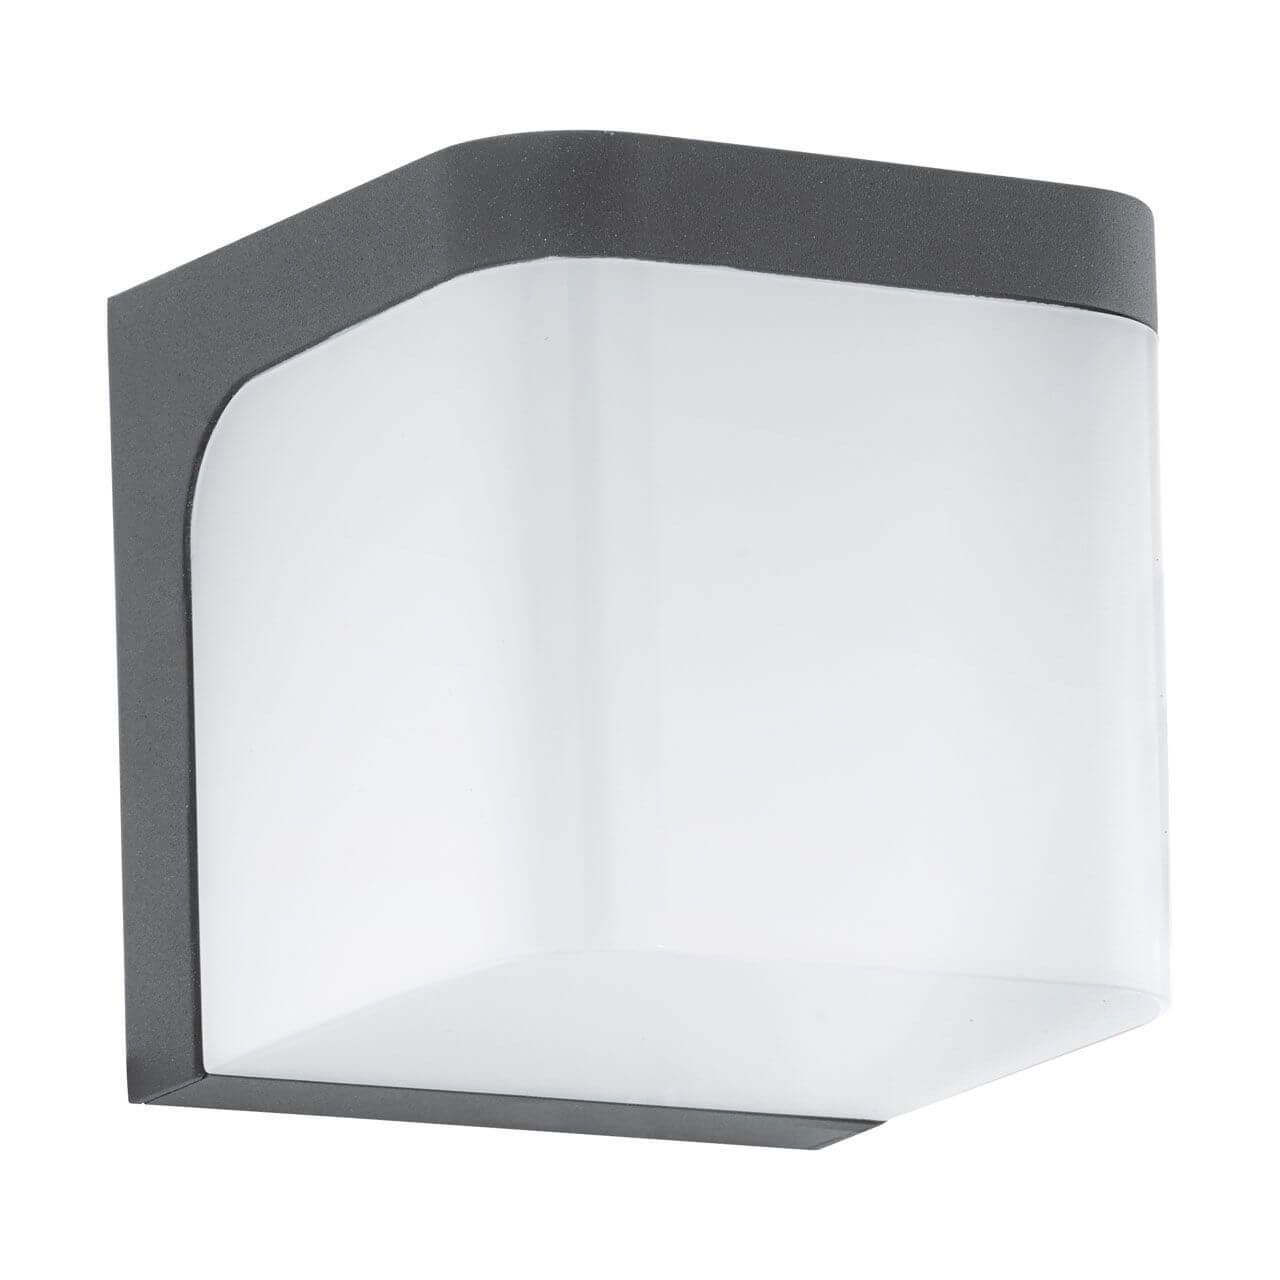 Уличный светильник Eglo 96256, белый уличный настенный светодиодный светильник eglo jorba 96256